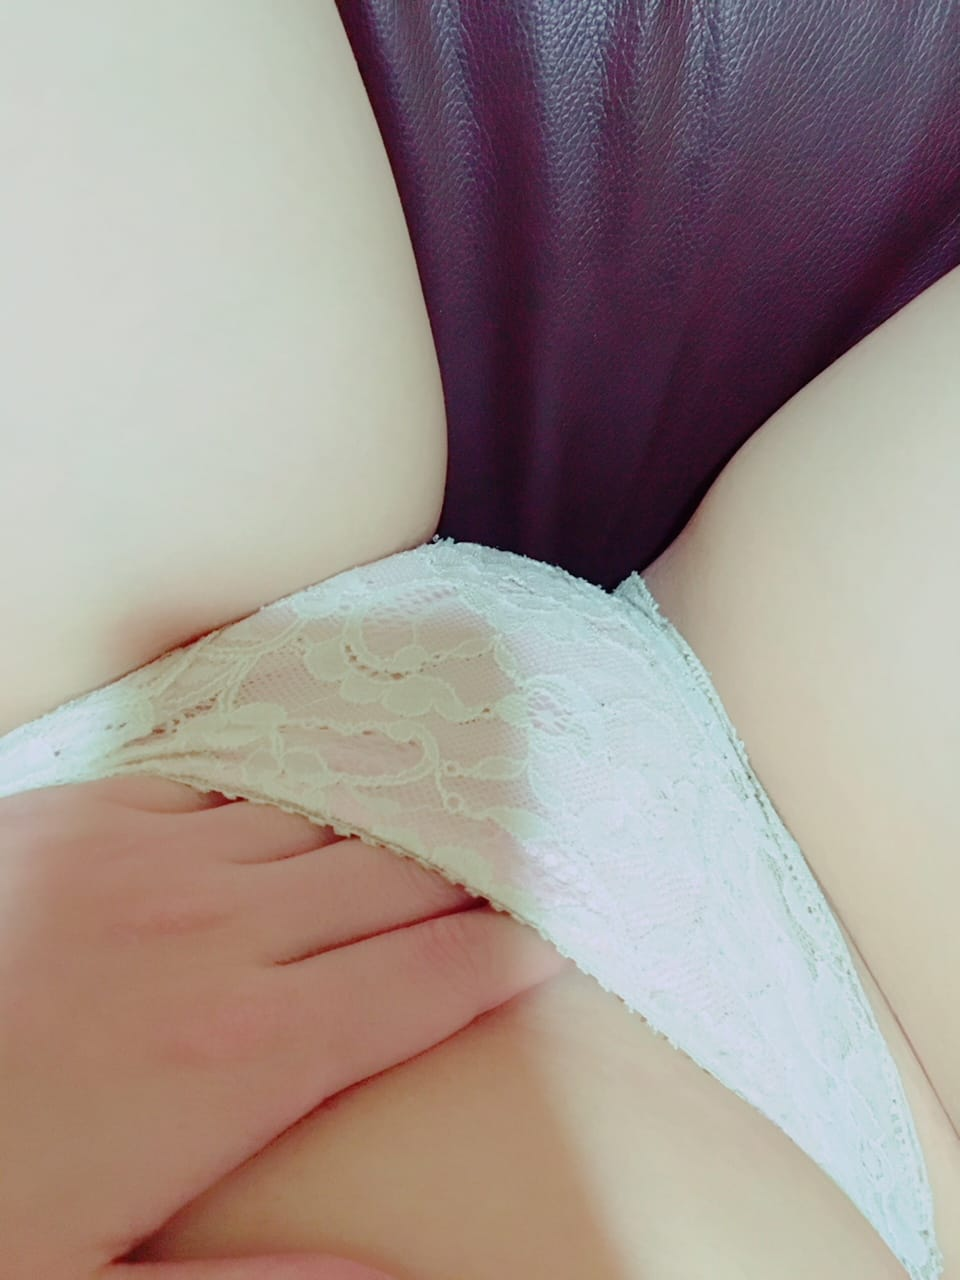 パピコ「ぬるぬる」12/10(日) 23:07   パピコの写メ・風俗動画